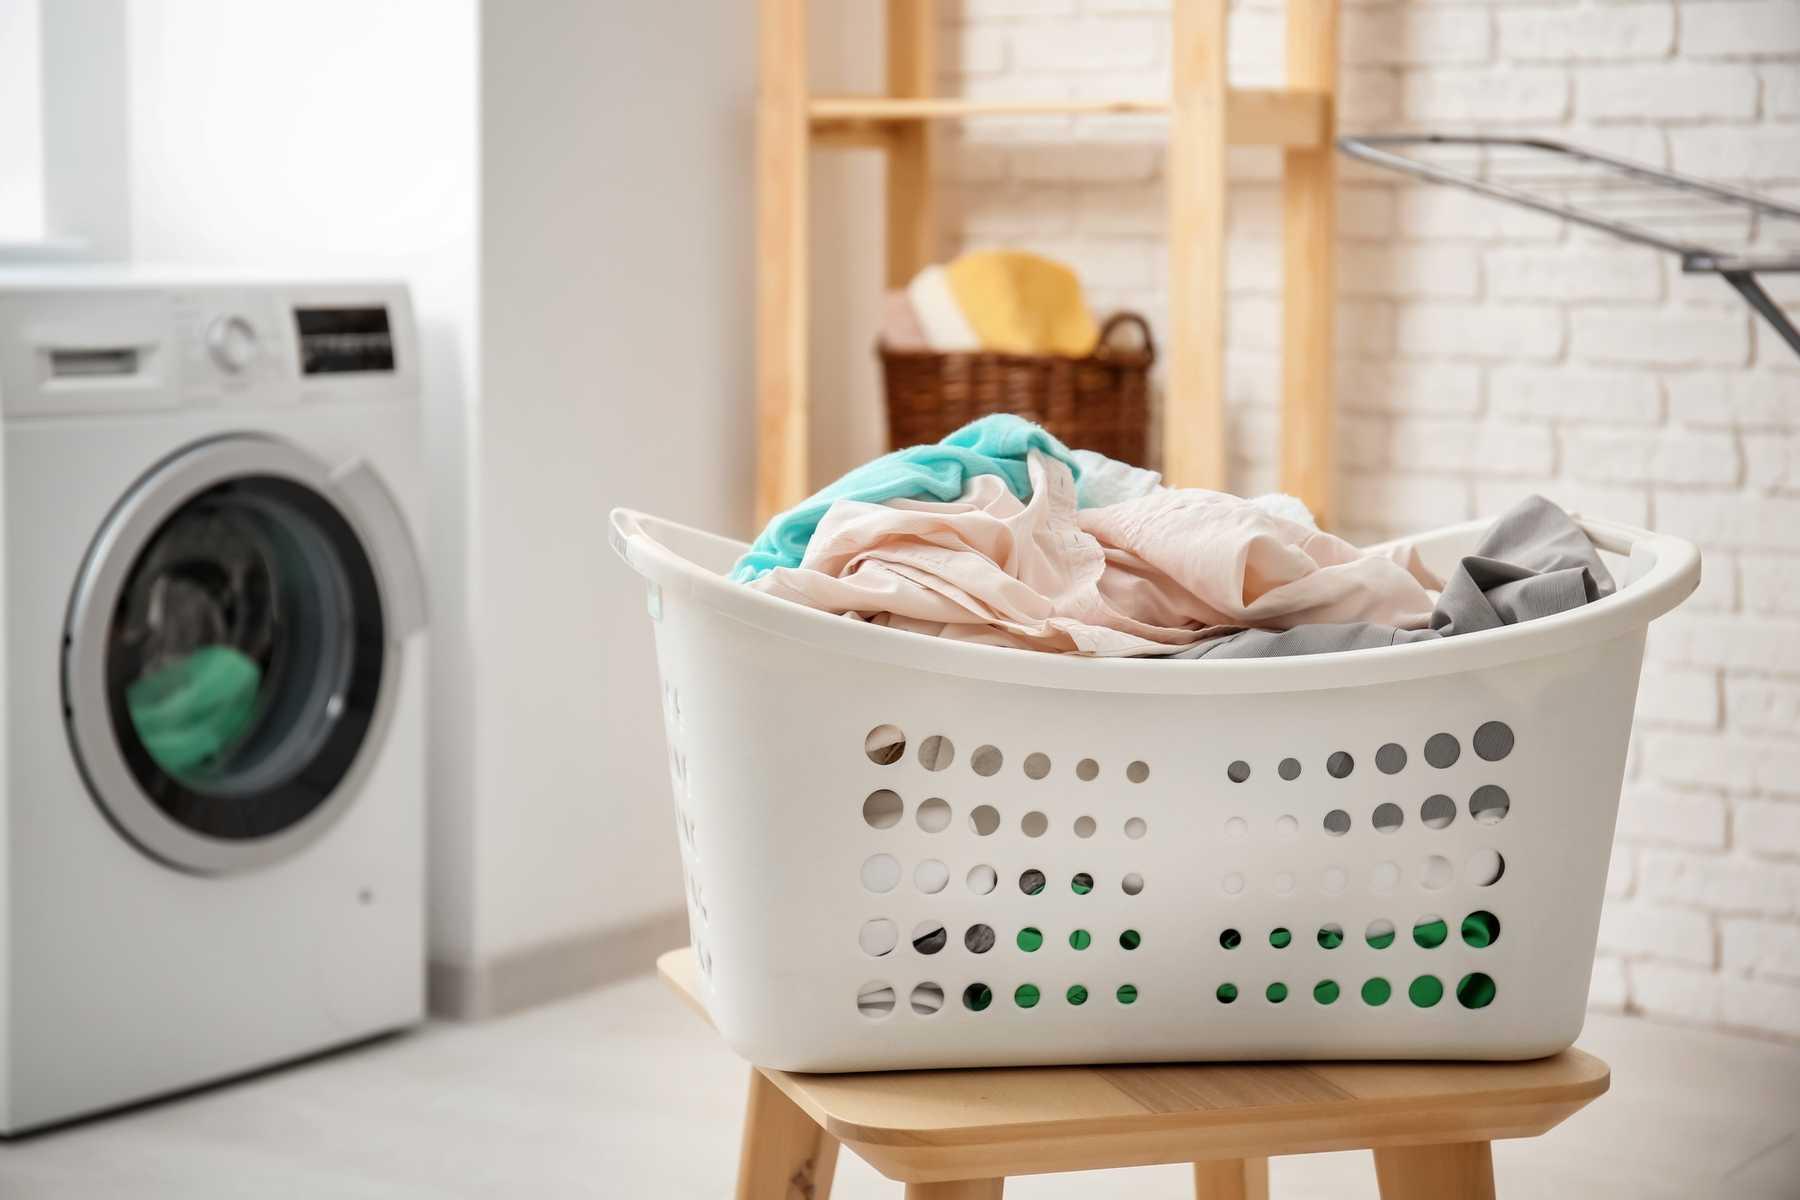 Giặt khô khác giặt ướt như thế nào mà vẫn giữ cho quần áo được sạch sẽ, thơm tho.